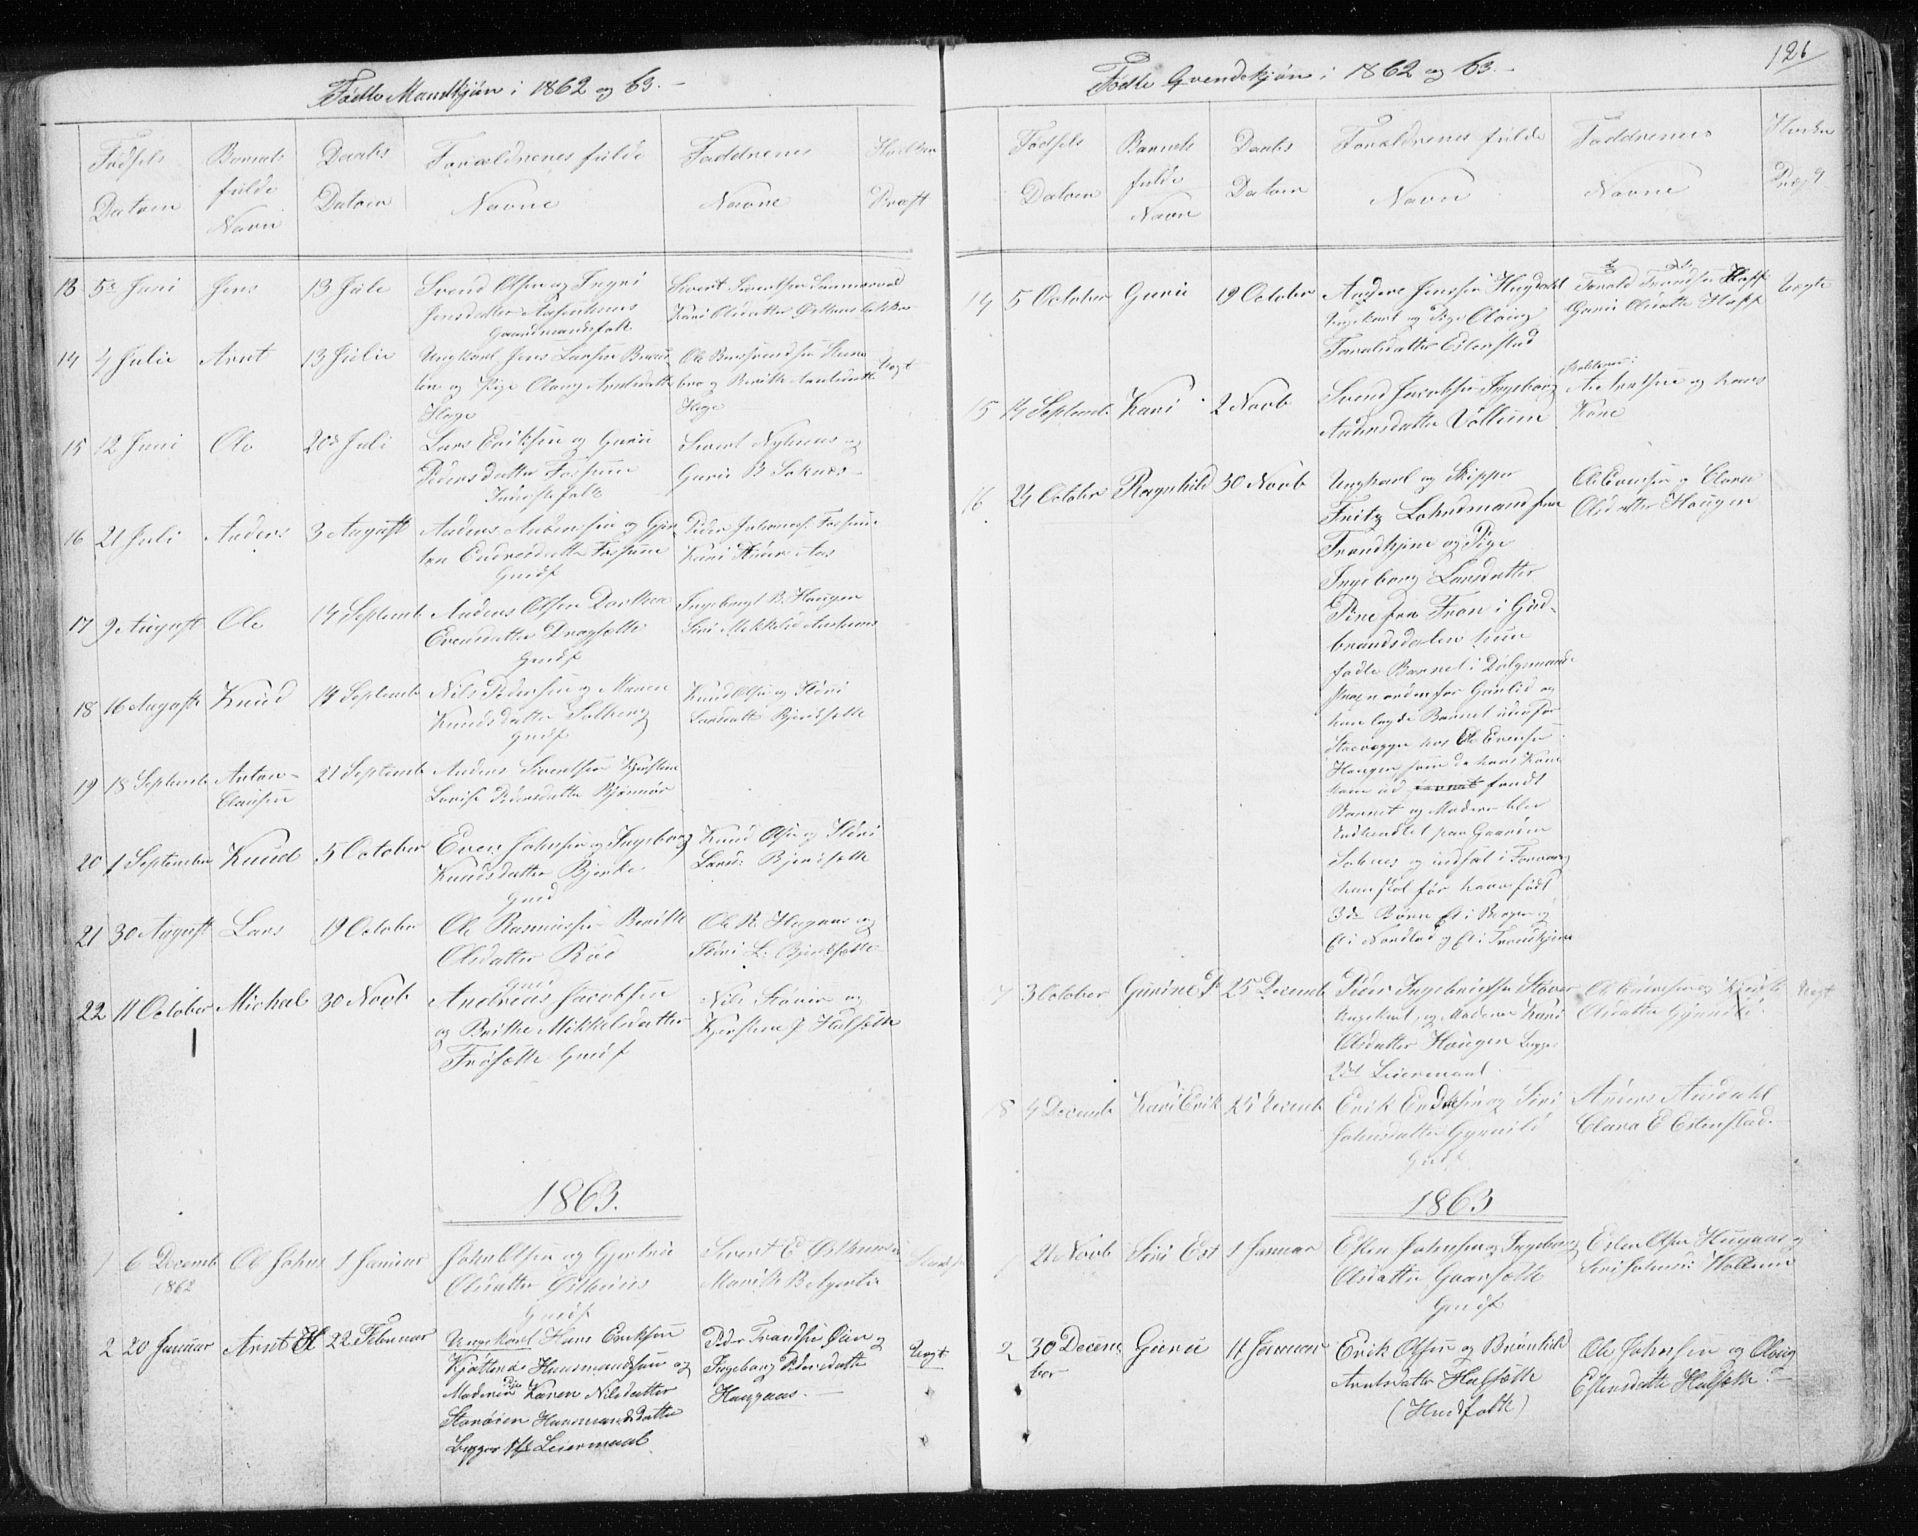 SAT, Ministerialprotokoller, klokkerbøker og fødselsregistre - Sør-Trøndelag, 689/L1043: Klokkerbok nr. 689C02, 1816-1892, s. 126